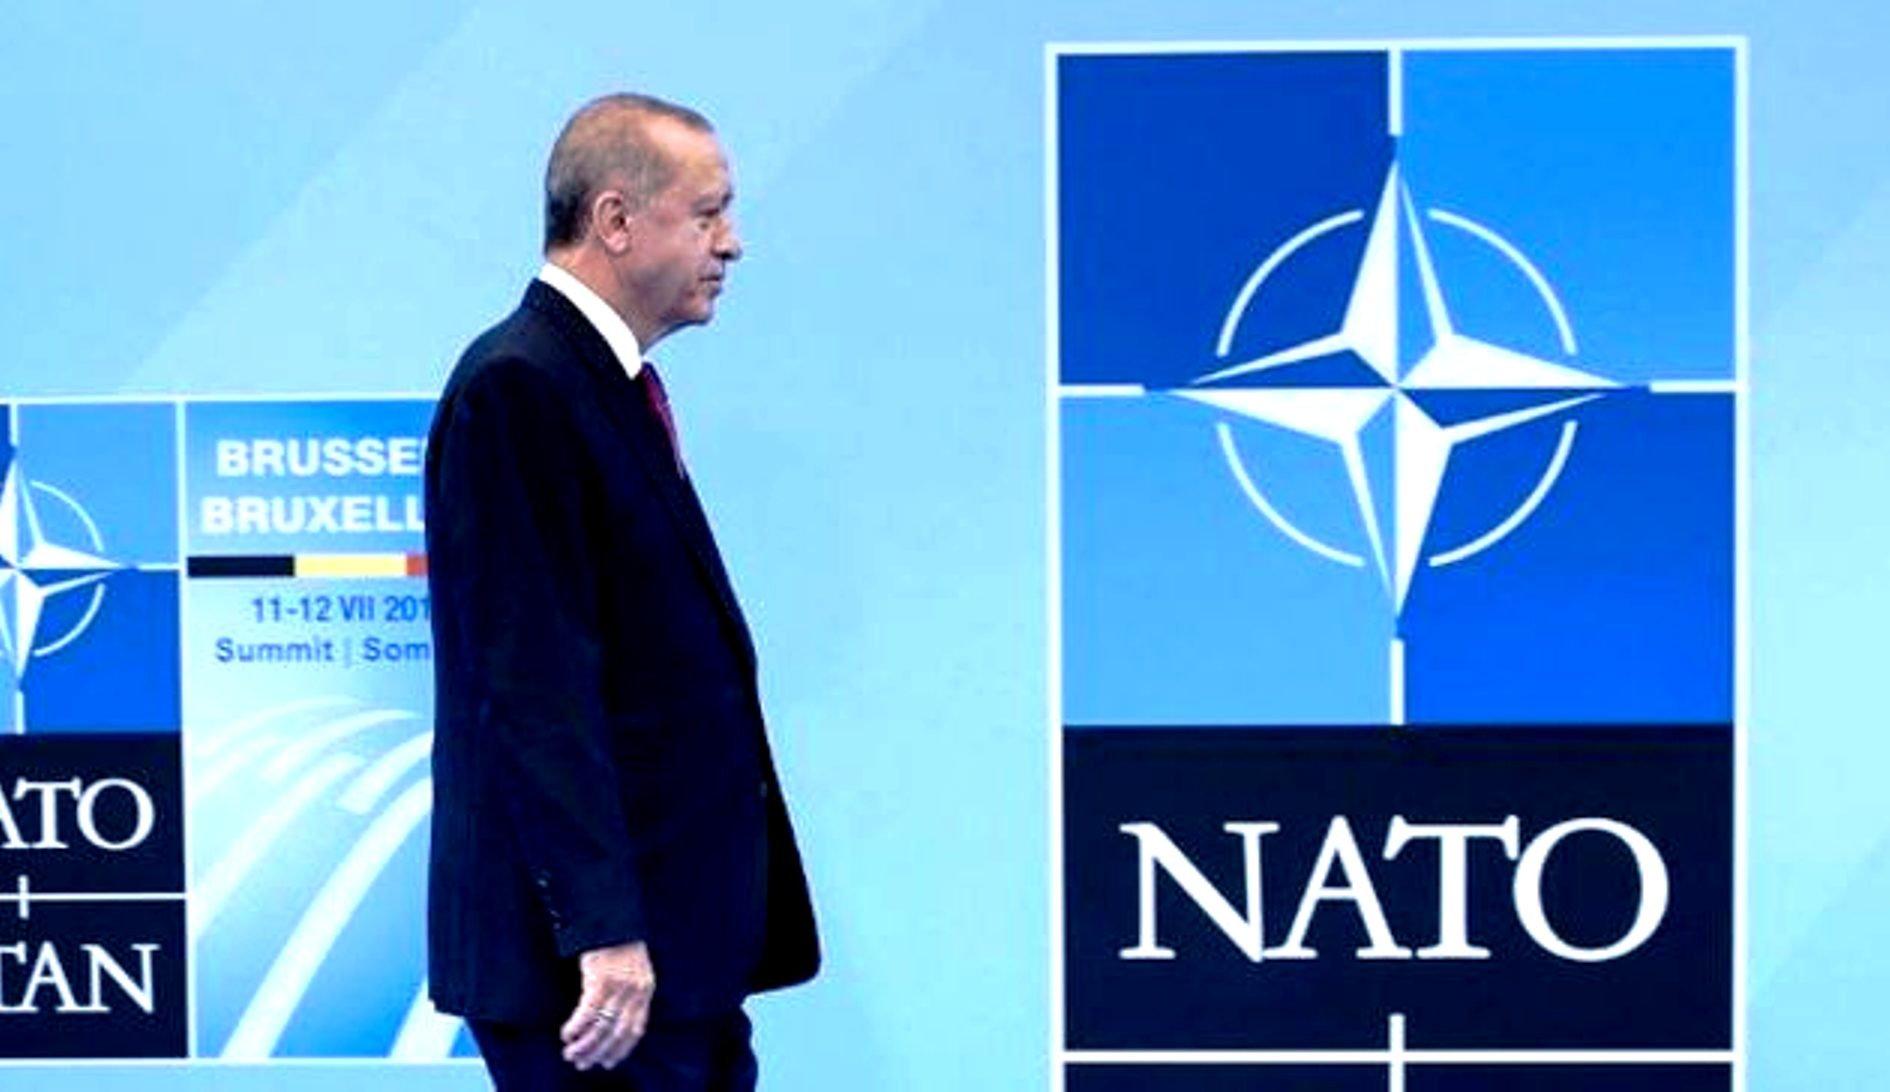 Αποκάλυψη Open TV: Το ΝΑΤΟ βγάζει «λάδι» την Τουρκία και αγνοεί τη Γαλλία